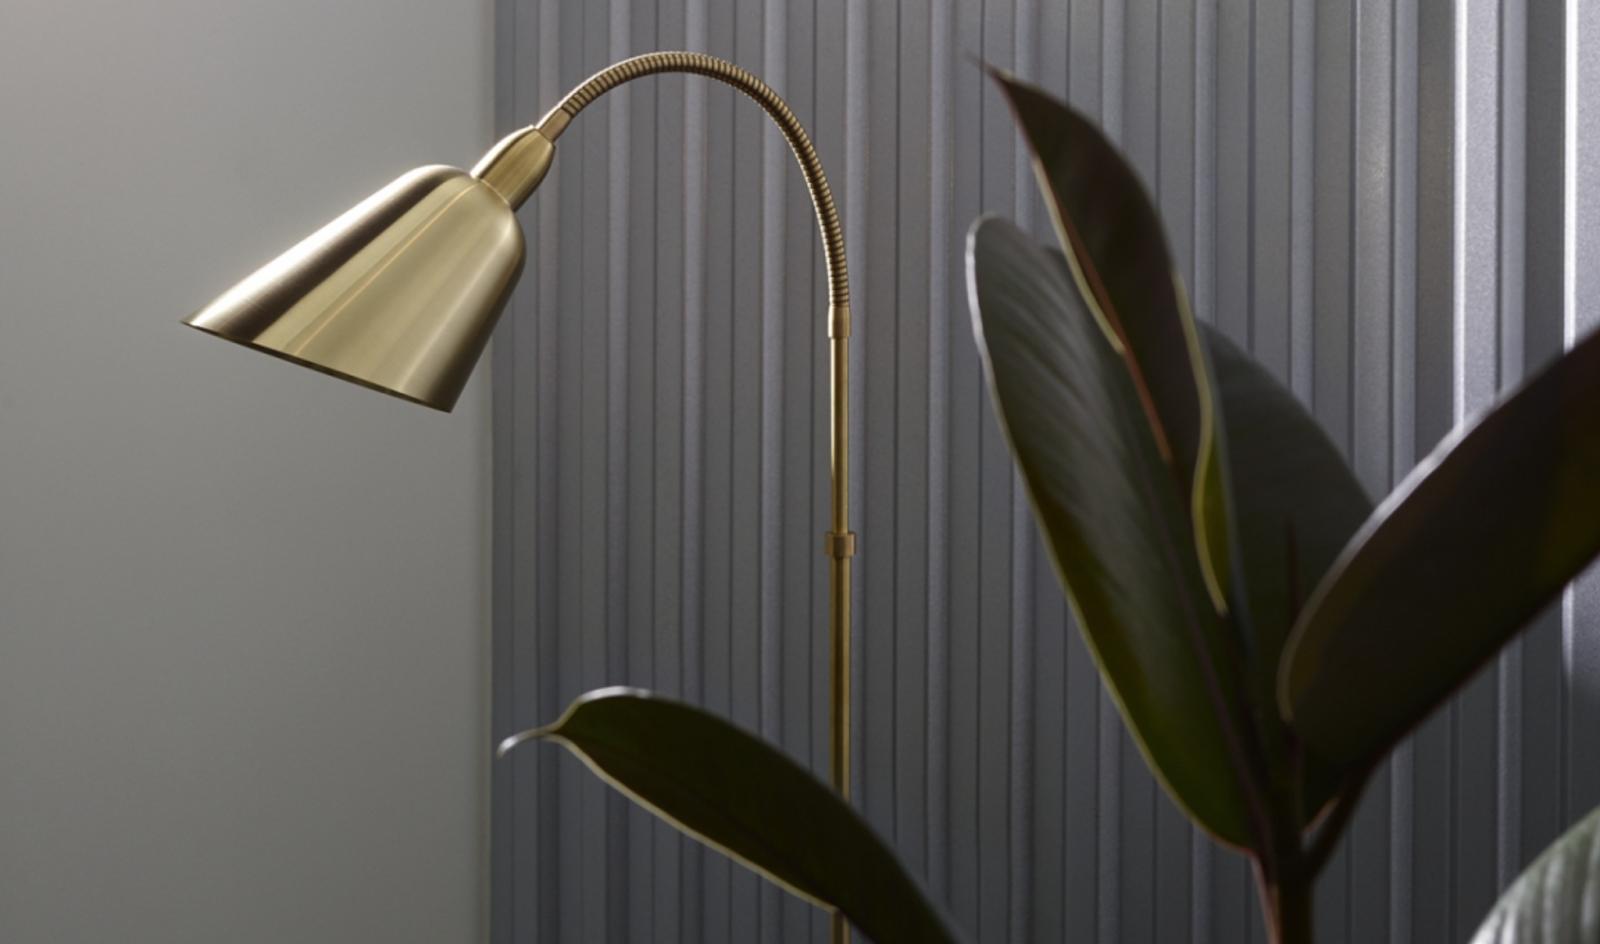 Aarhus Arne Jacobsen S Bellevue Lamp By Tradition On Aarhus Studios Blog Floor Lamp Minimalism Interior Lamp